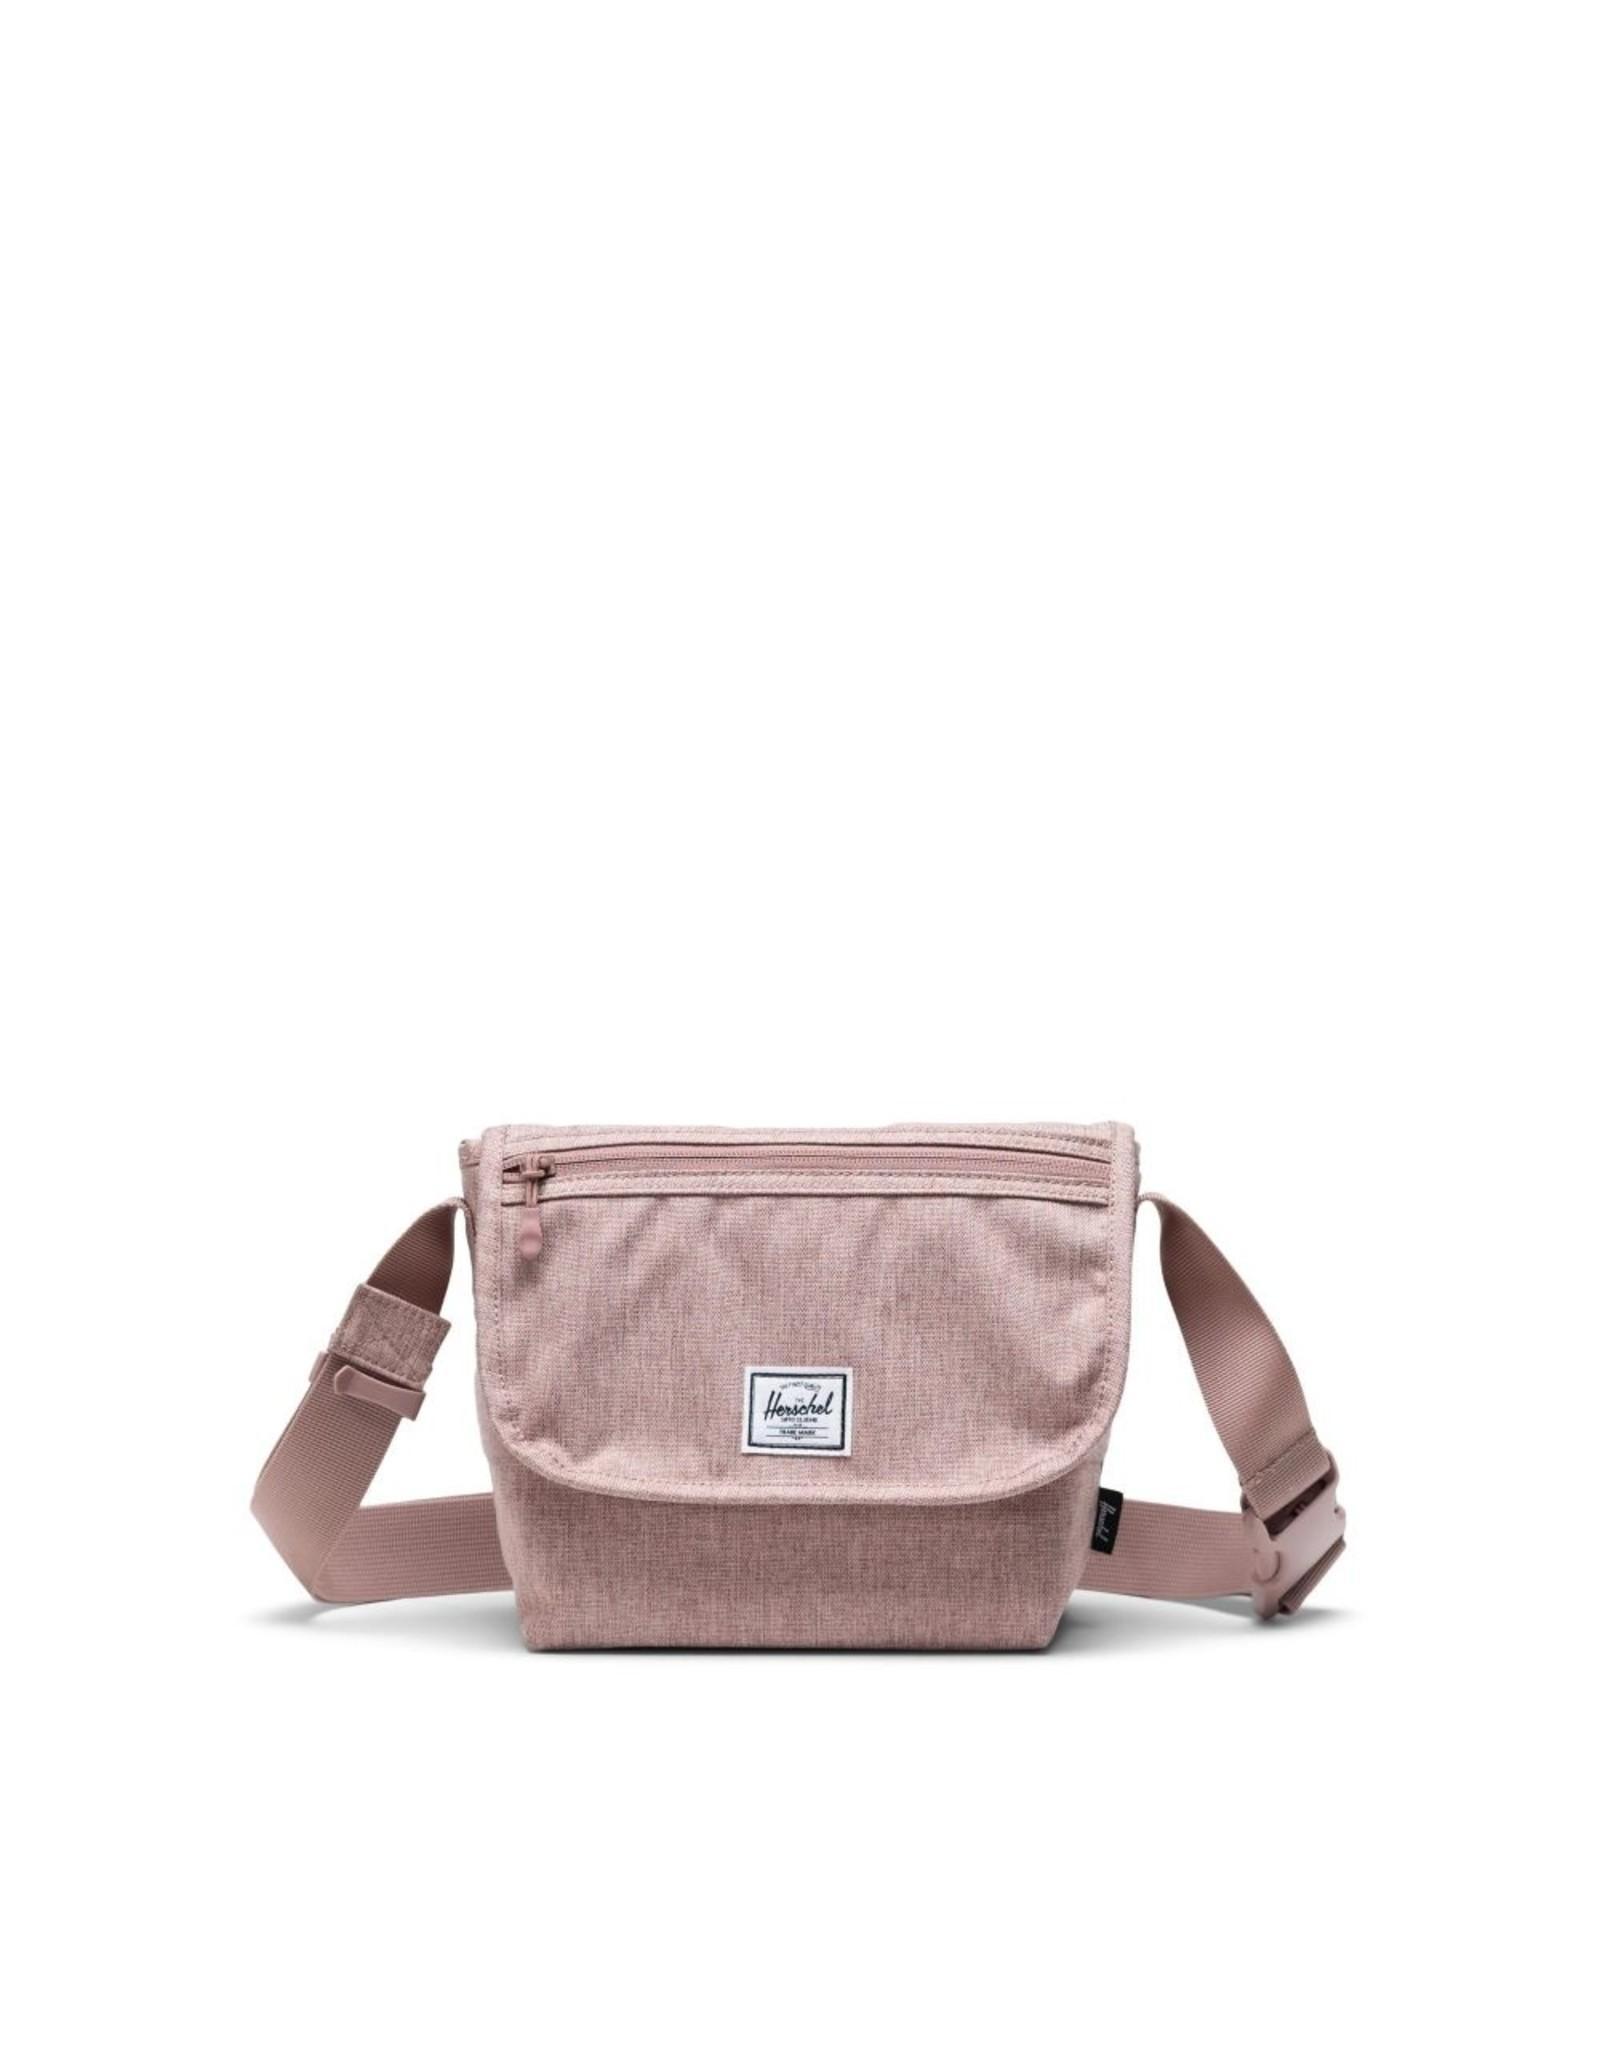 Herschel Grade Messenger Mini Bag